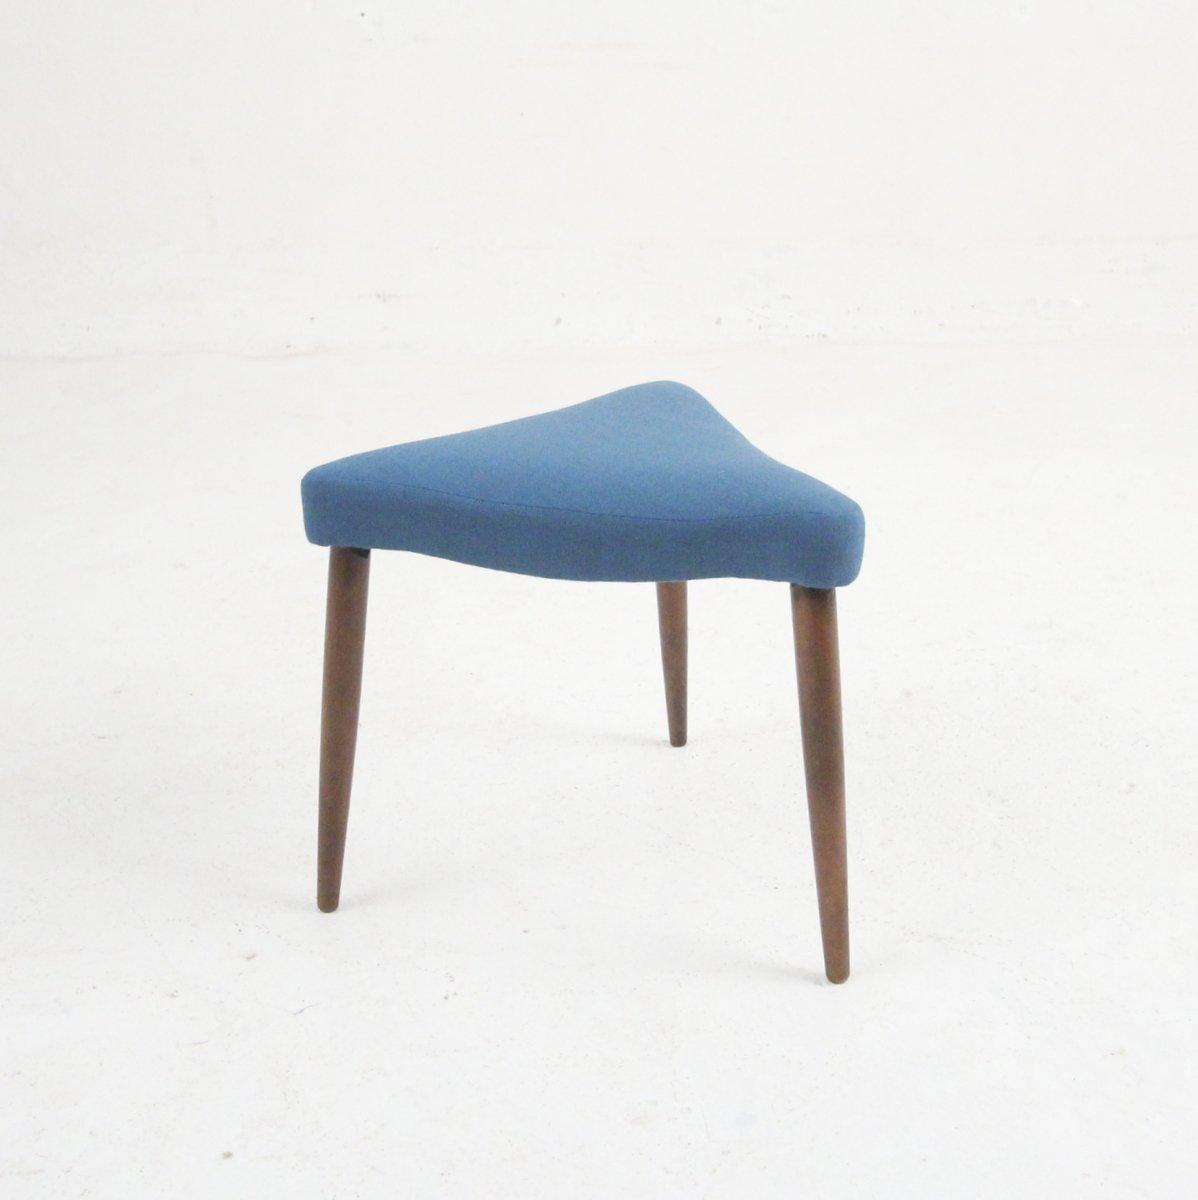 d nischer mid century hocker mit blauem bezug 1955 bei pamono kaufen. Black Bedroom Furniture Sets. Home Design Ideas